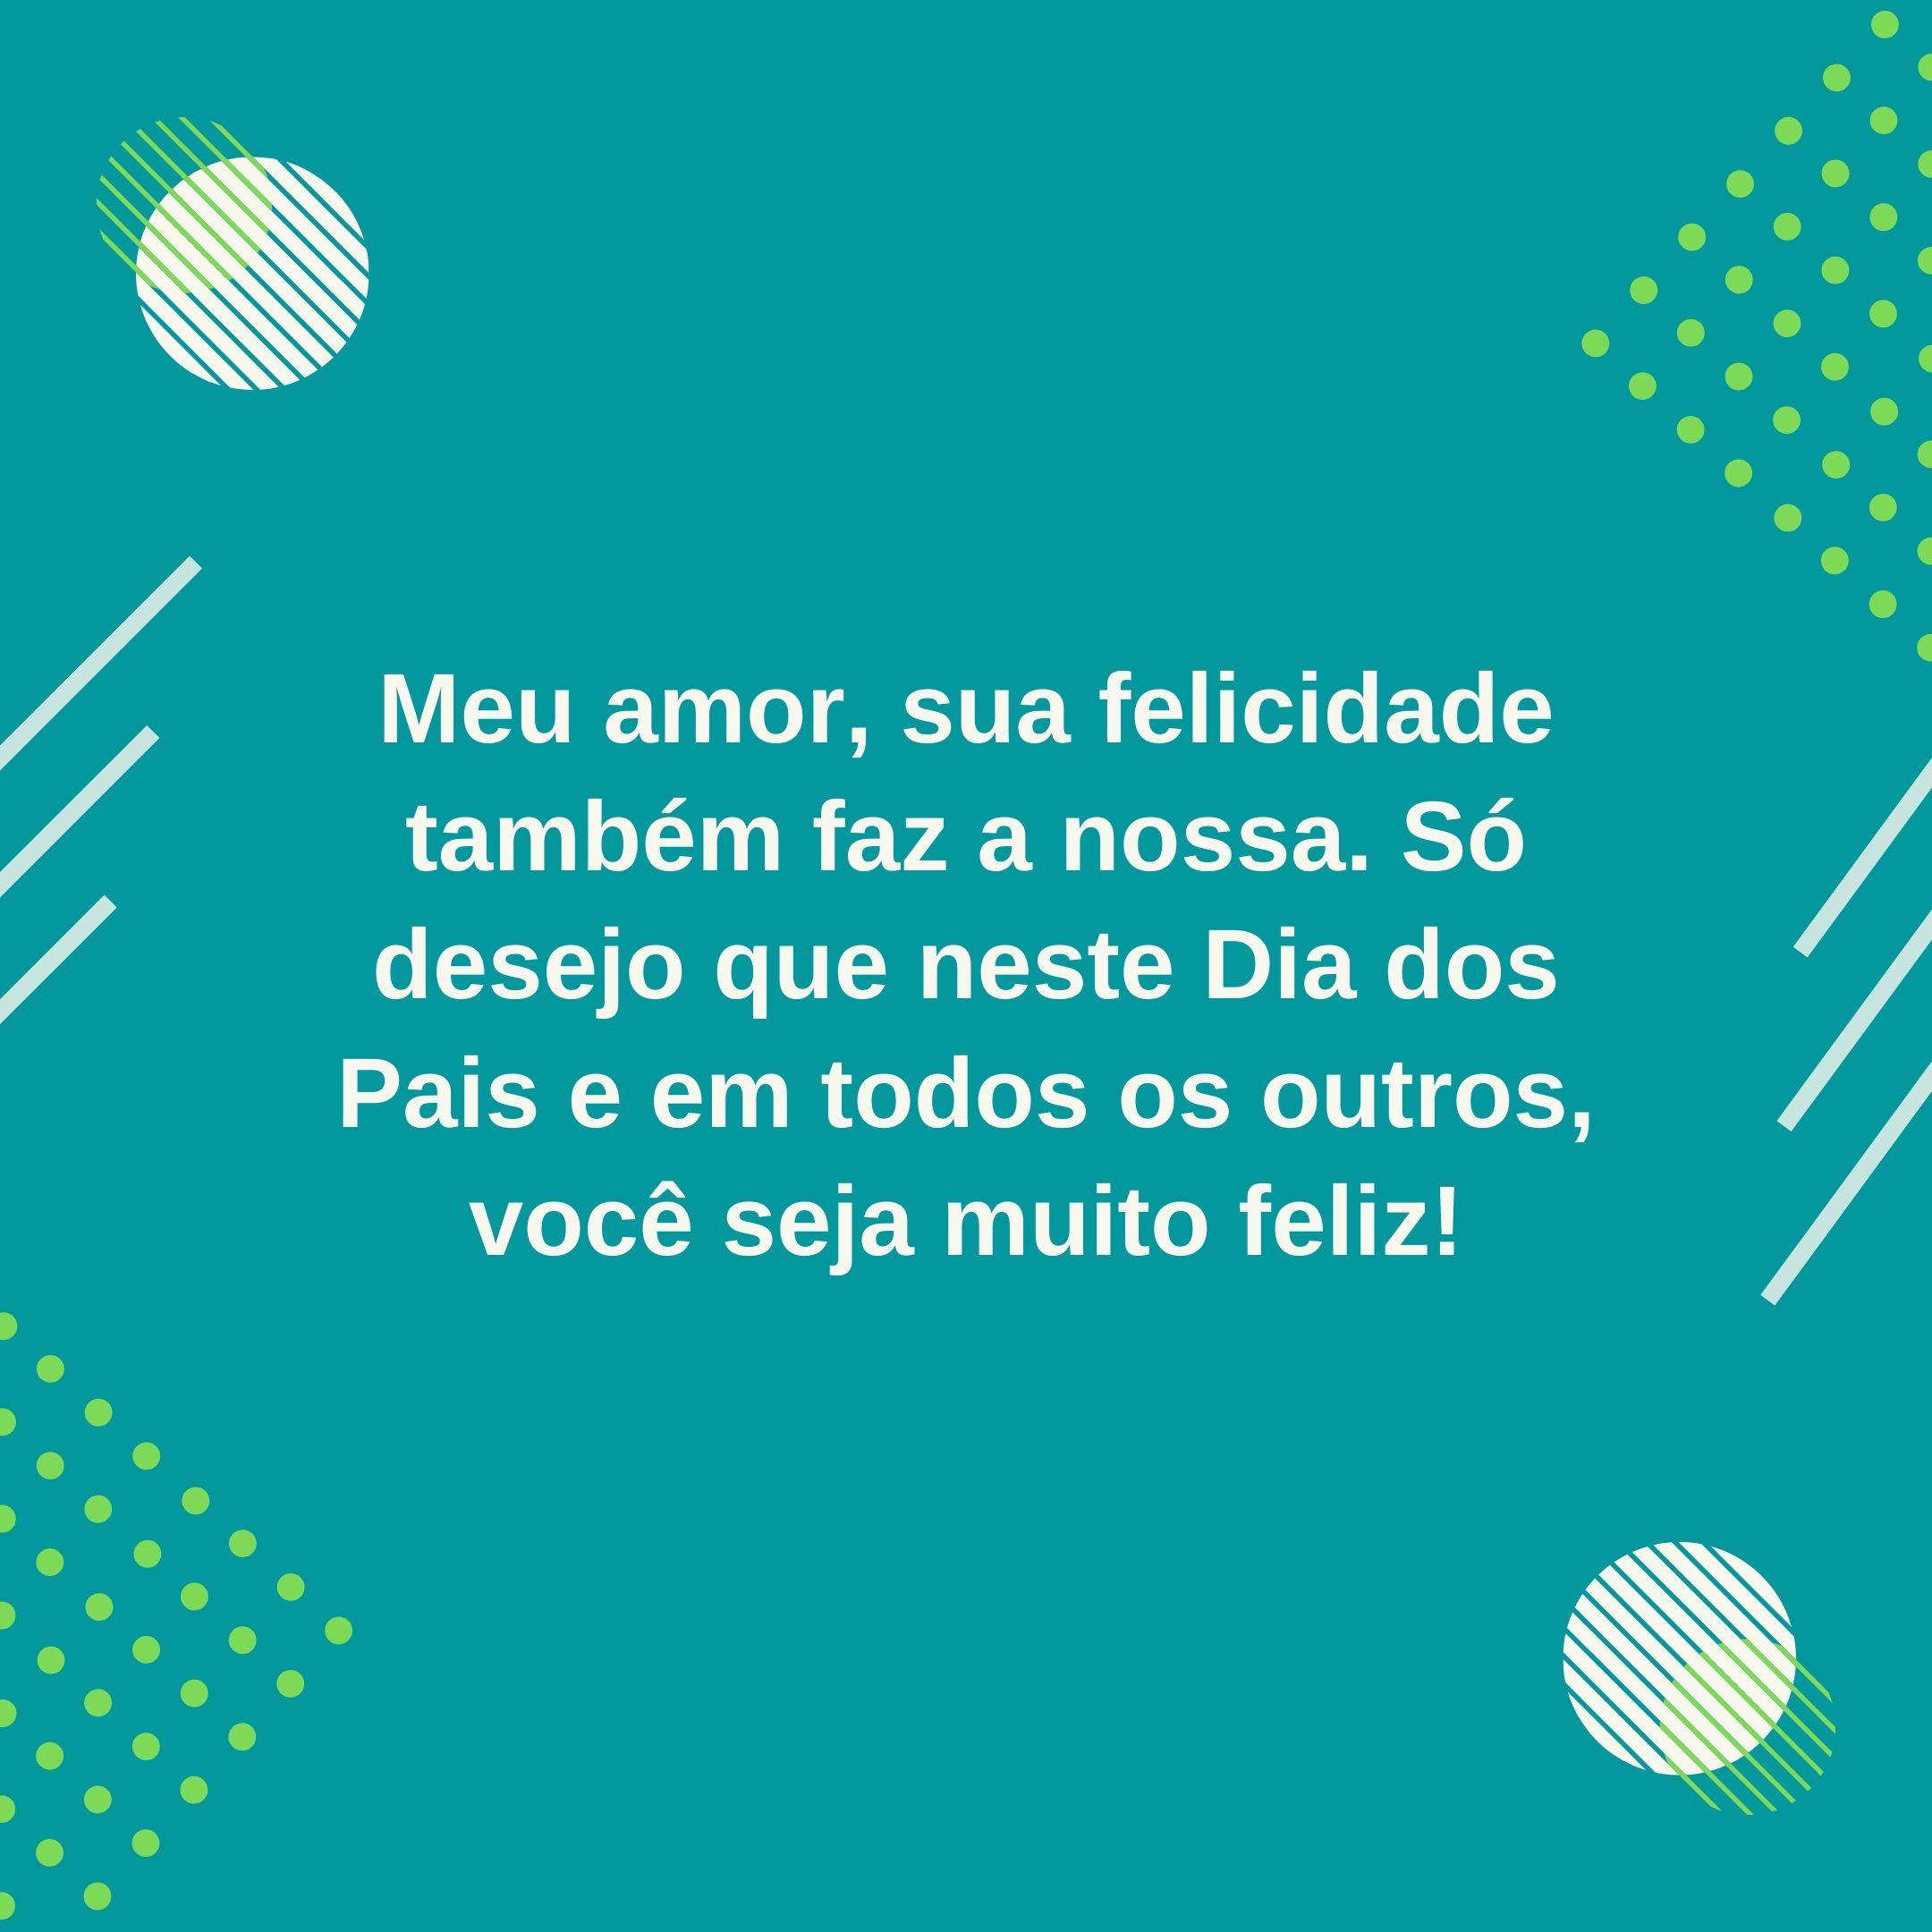 Meu amor, sua felicidade também faz a nossa. Só desejo que neste Dia dos Pais e em todos os outros, você seja muito feliz!